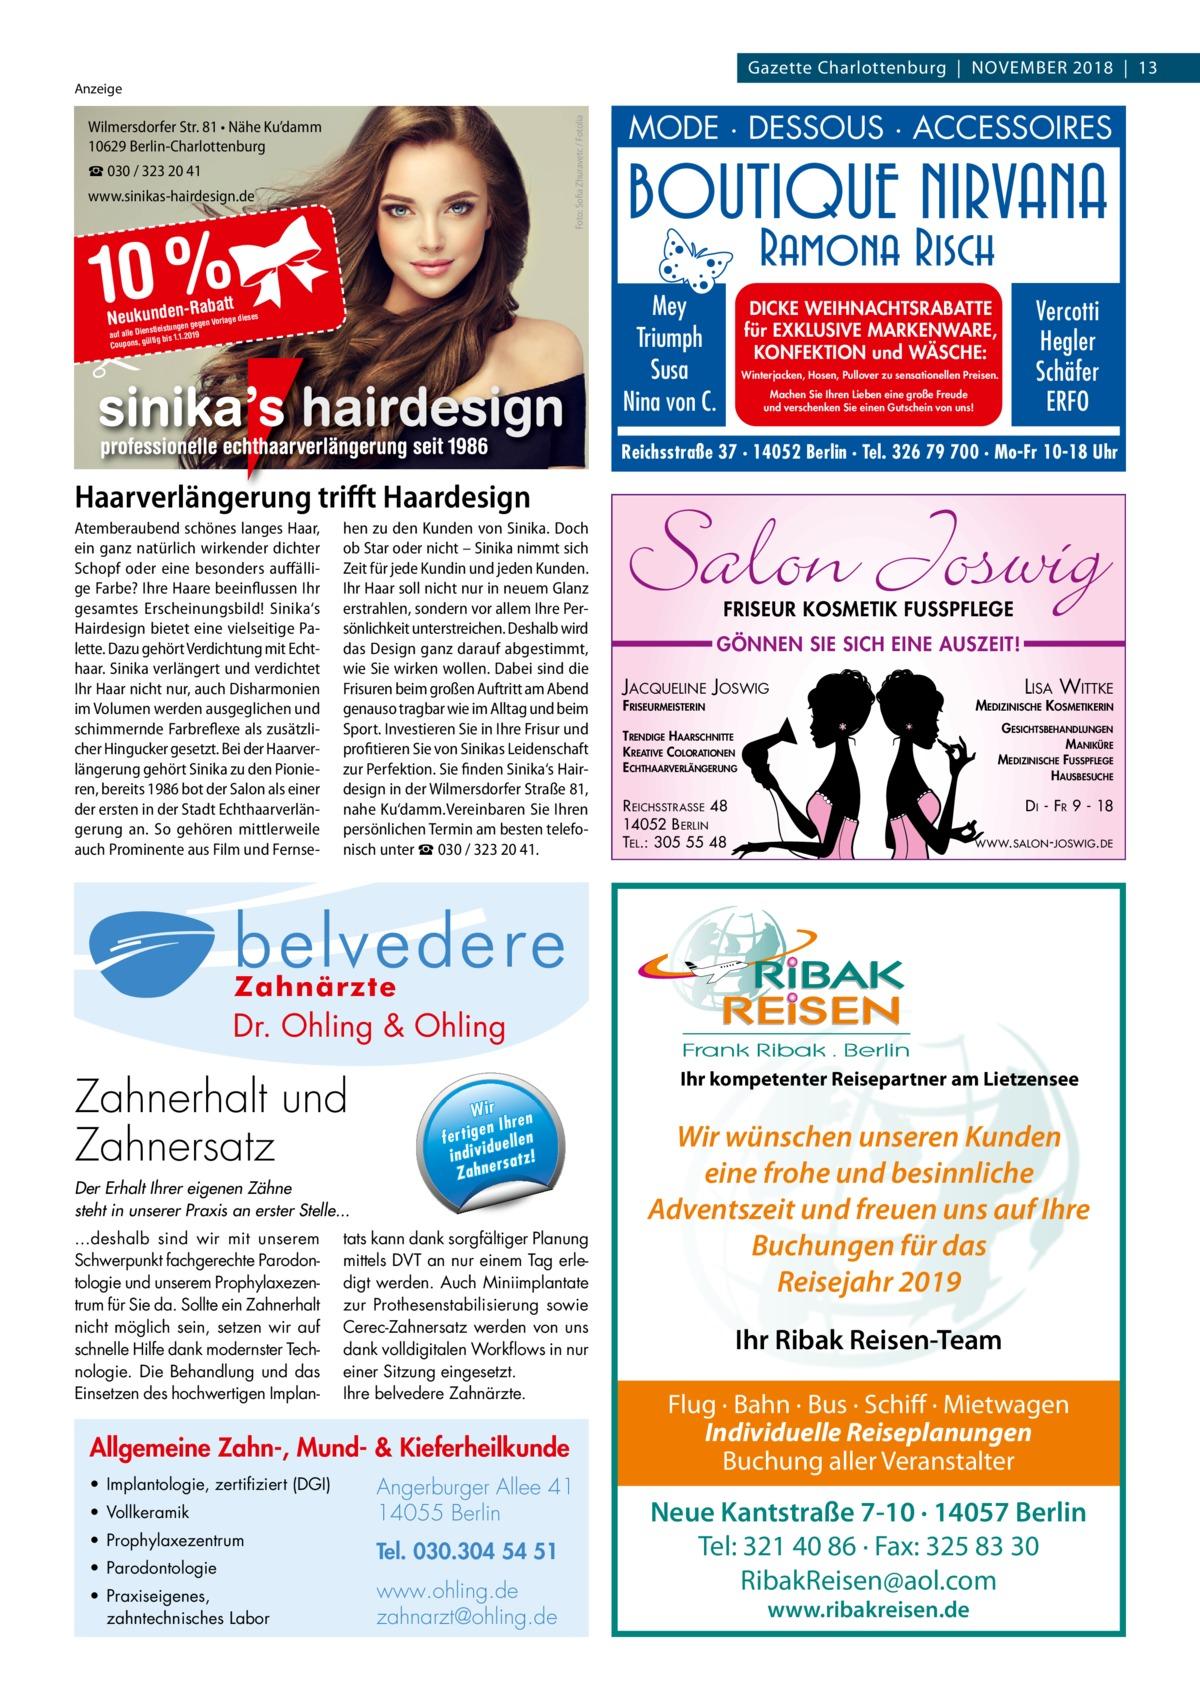 Gazette Charlottenburg|November 2018|13 Foto: Sofia Zhuravetc / Fotolia  Anzeige  Wilmersdorfer Str. 81 • Nähe Ku'damm 10629 Berlin-Charlottenburg ☎ 030 / 323 20 41 www.sinikas-hairdesign.de  10 %  MODE · DESSOUS · ACCESSOIRES  Mey Triumph Susa Nina von C.  -Rabatt Neukunstnleidstuengnen gegen Vorlage dieses  �  19 auf alle Die ltig bis 1.1.20 Coupons, gü  DICKE WEIHNACHTSRABATTE für EXKLUSIVE MARKENWARE, KONFEKTION und WÄSCHE: Winterjacken, Hosen, Pullover zu sensationellen Preisen. Machen Sie Ihren Lieben eine große Freude und verschenken Sie einen Gutschein von uns!  Vercotti Hegler Schäfer ERFO  Reichsstraße 37 · 14052 Berlin · Tel. 326 79 700 · Mo-Fr 10-18 Uhr  Haarverlängerung trifft Haardesign Dauerwelle war gestern –  Atemberaubend schönes langes Haar, hen zu den Kunden von Sinika. Doch heute verdichten wir Ihr Haar ein ganz natürlich wirkender dichter ob Star oder nicht – Sinika nimmt sich Schopf oder eine besonders auffälli- Zeit für jede Kundin und jeden Kunden. Kennlernangebot: ge Farbe? Ihre Haare beeinflussen Ihr Ihr Haar soll nicht nur in neuem Glanz sondern vor allem Ihre€ Pergesamtes Erscheinungsbild! Indisches Sinika's erstrahlen, Echthaar 175,Hairdesign bietet eine vielseitige Pa- sönlichkeit unterstreichen. Deshalb wird inkl. Schnitt und Frisur lette. Dazu gehört Verdichtung mit Echt- das Design ganz darauf abgestimmt, haar. Sinika verlängert und verdichtet wie Sie wirken wollen. Dabei sind die Wilmersdorfer Str. 81 • Nähe Ku'damm • 10629 Berlin-Charlottenburg Ihr Haar nicht nur, auch Disharmonien Frisuren beim großen Auftritt am Abend www.sinikas-hairdesign.de 030wie / 323 20und41beim im Volumen werden ausgeglichen und genauso tragbar im Alltag schimmernde Farbreflexe als zusätzli- Sport. Investieren Sie in Ihre Frisur und cher Hingucker gesetzt. Bei der Haarver- profitieren Sie von Sinikas Leidenschaft längerung gehört Sinika zu den Pionie- zur Perfektion. Sie finden Sinika's Hairren, bereits 1986 bot der Salon als einer design in der Wilmersdo